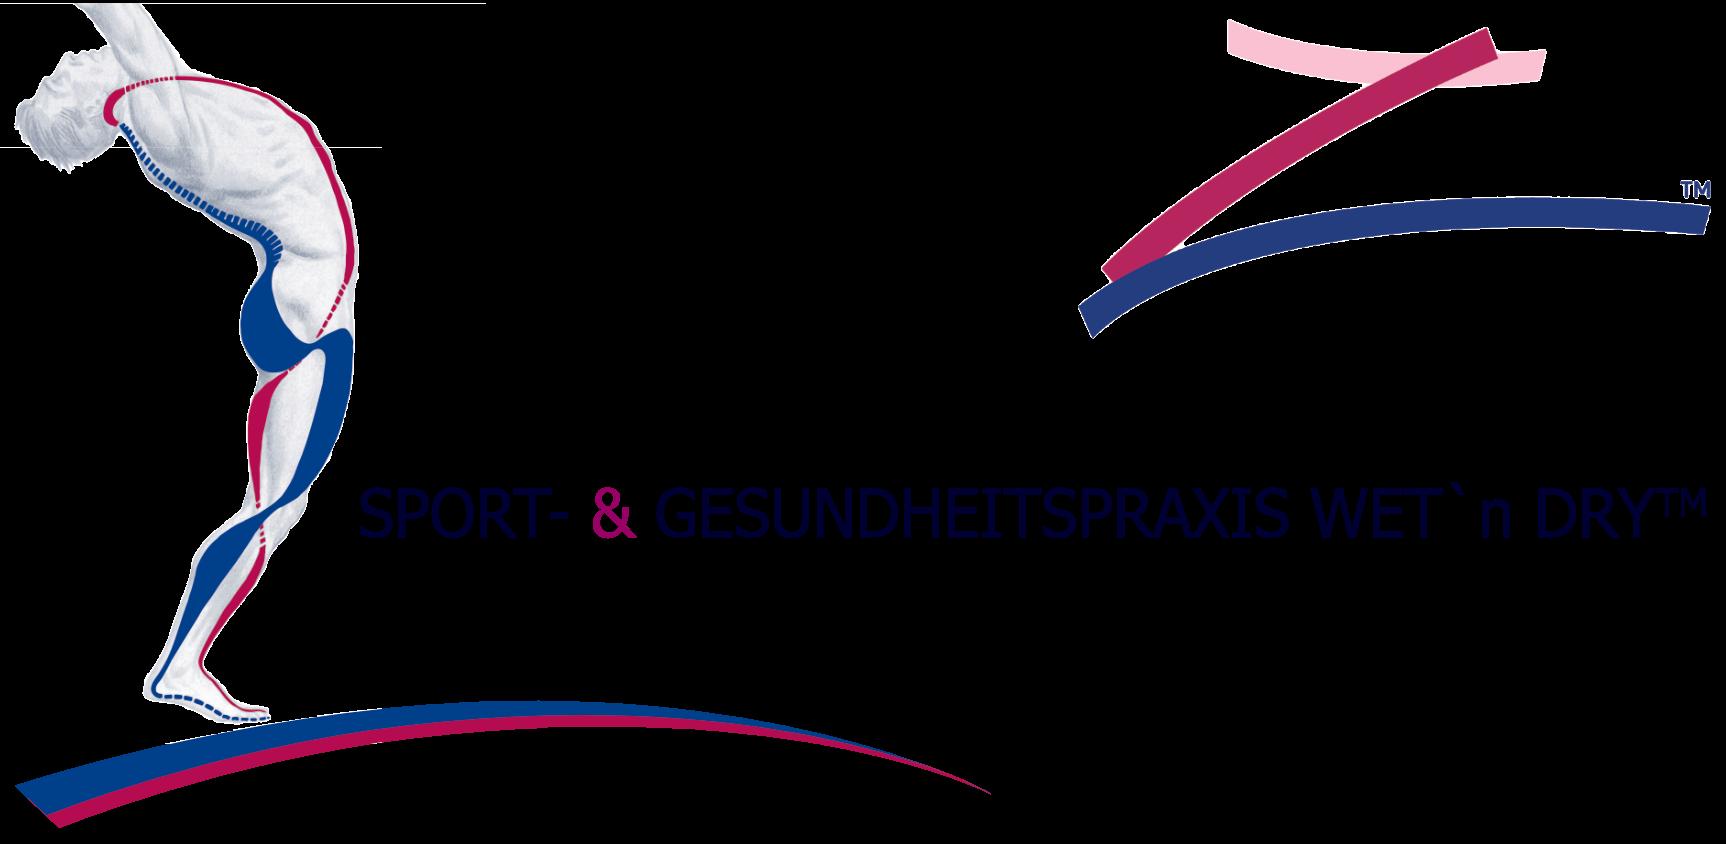 Sport- und Gesundheitspraxis WET`n DRY, Holger Schönthier Heilpraktiker, Margot Zeitvogel-Schönthier Bewegungstherapeutin